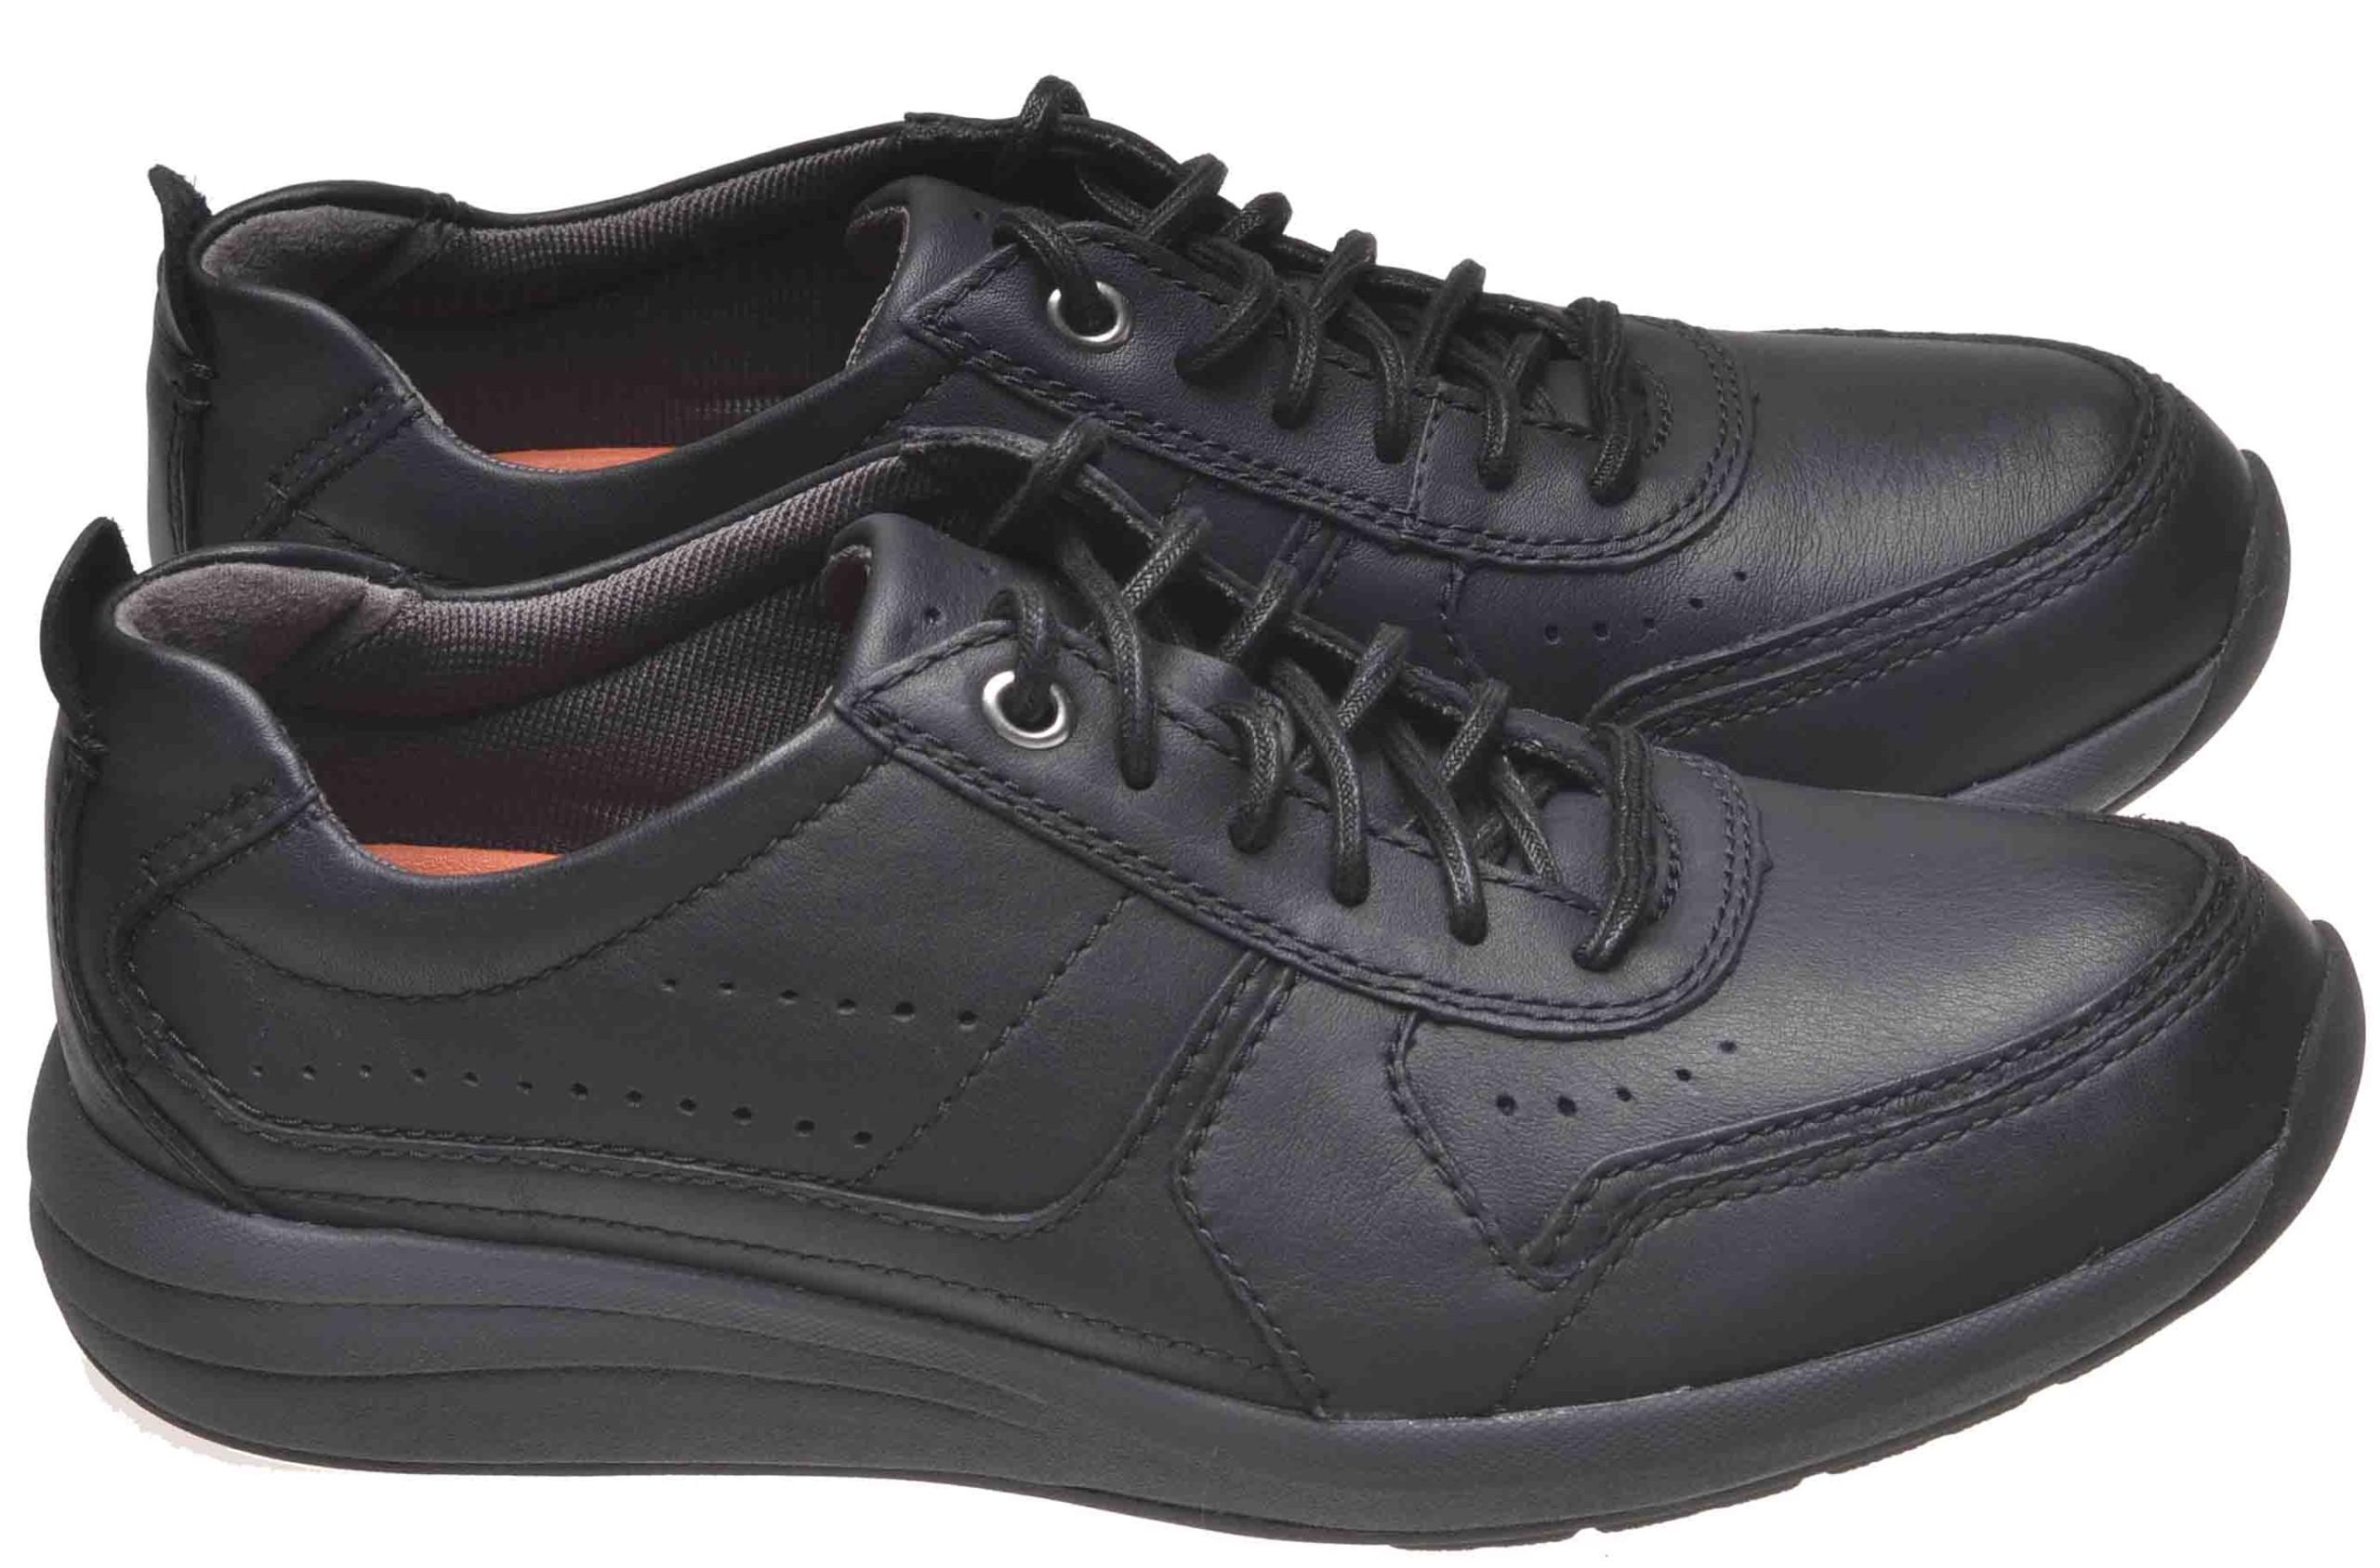 e26397762 WYPRZEDAŻ! CLARKS UN COAST FORM Black Leather 42 - 7447910597 ...